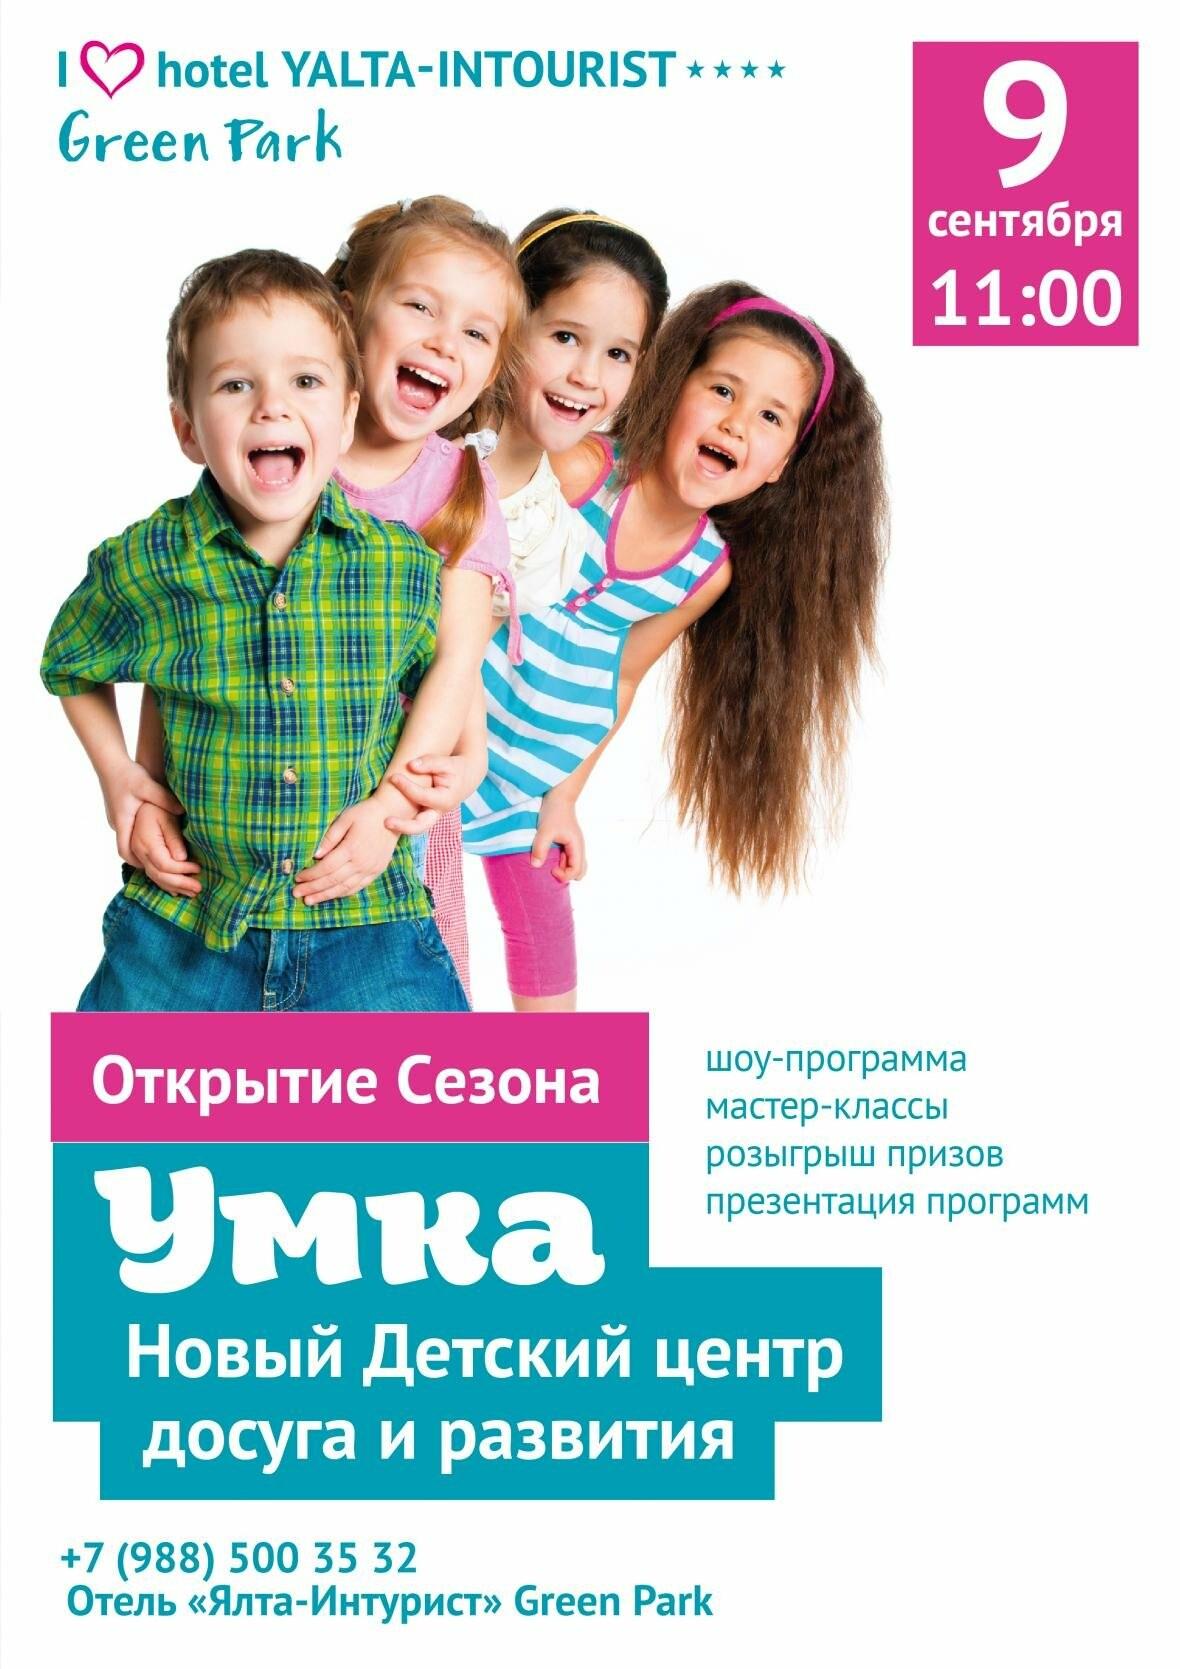 В сентябре отель «Ялта-Интурист» открывает Детский центр «Умка»  для крымчан, фото-2